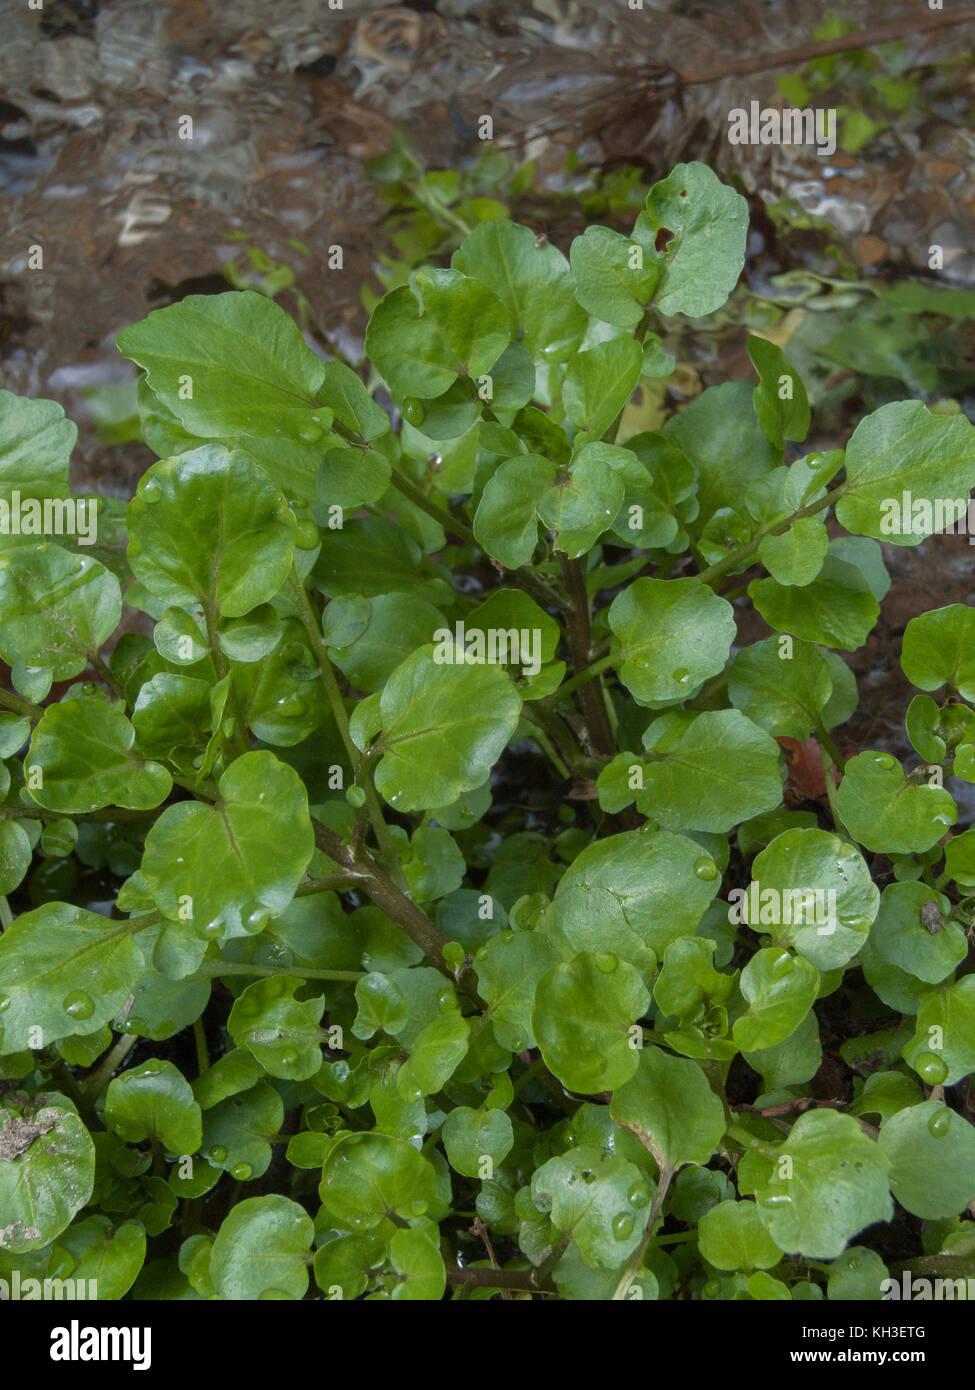 Water-cress / Rorippa nasturtium-aquaticum / Nasturtium aquaticum / Nasturtium officinale growing in the wild. Stock Photo